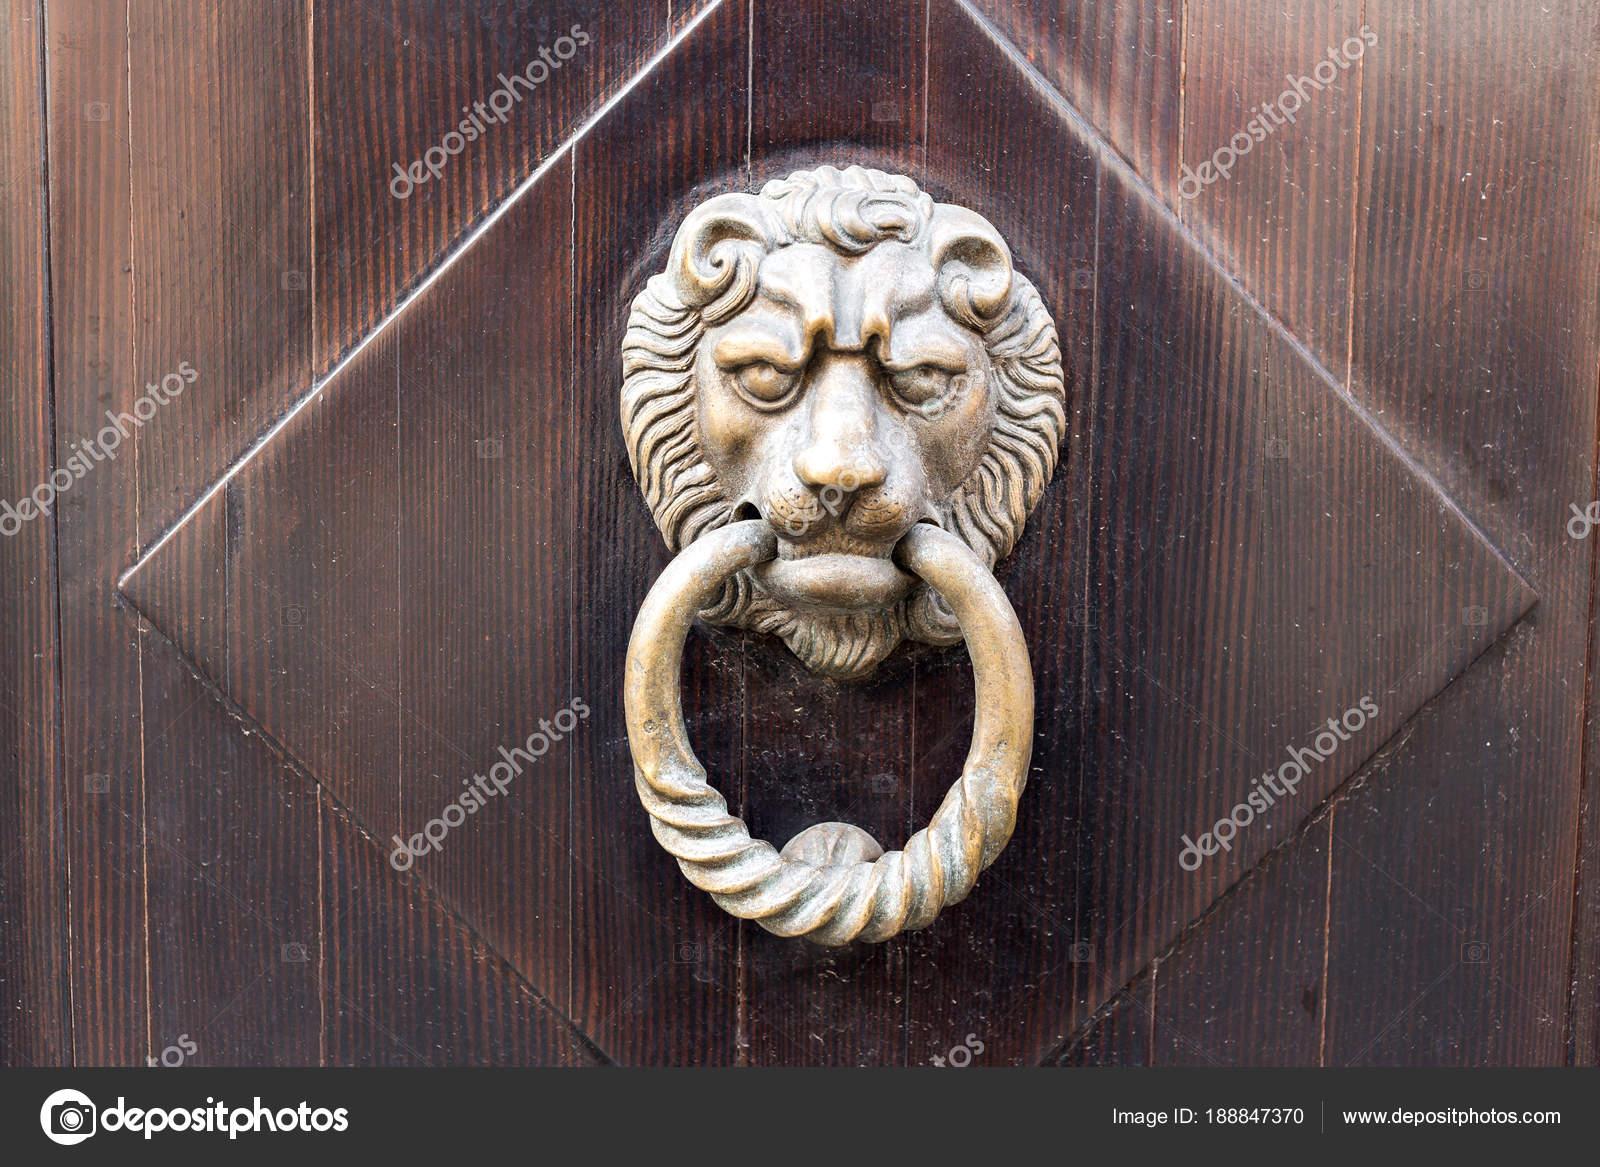 Old Wooden Door. Heads Of Lion On The Front . Vintage Door Knocker. U2014